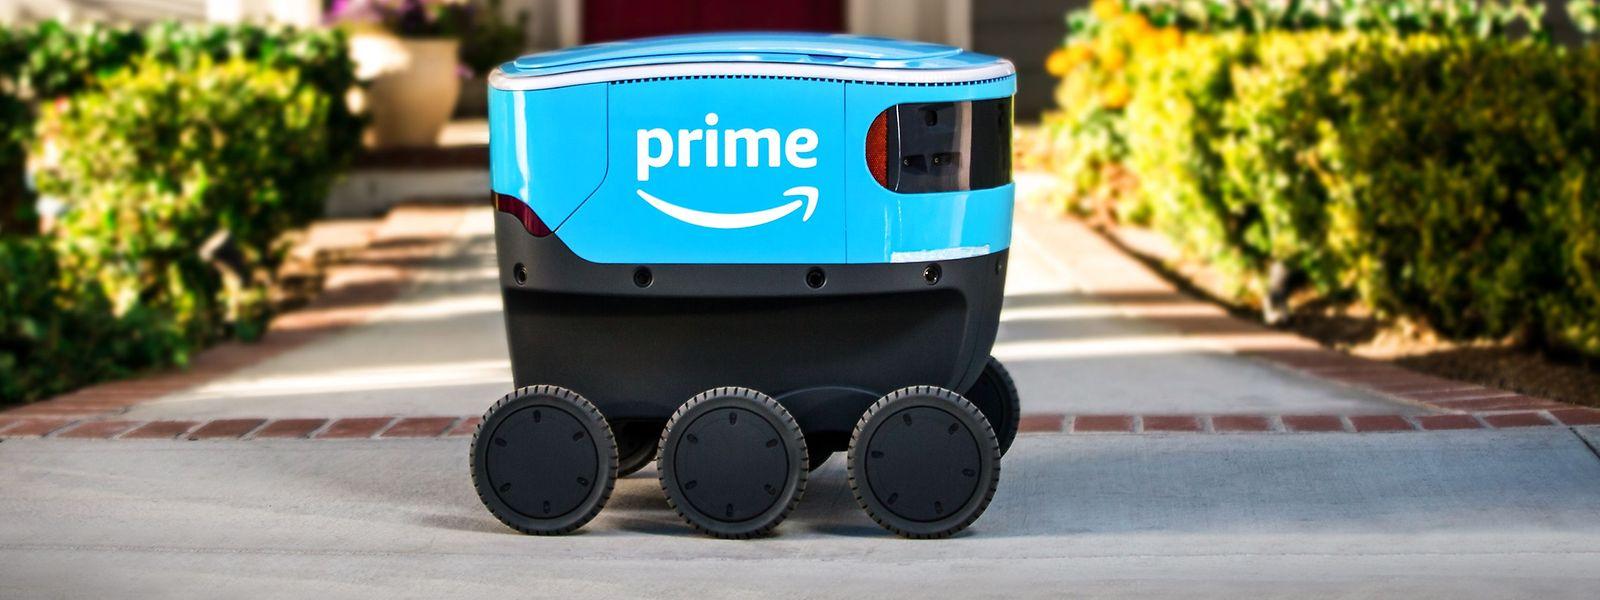 Die Roboter erinnern an Kühlboxen auf Rädern.